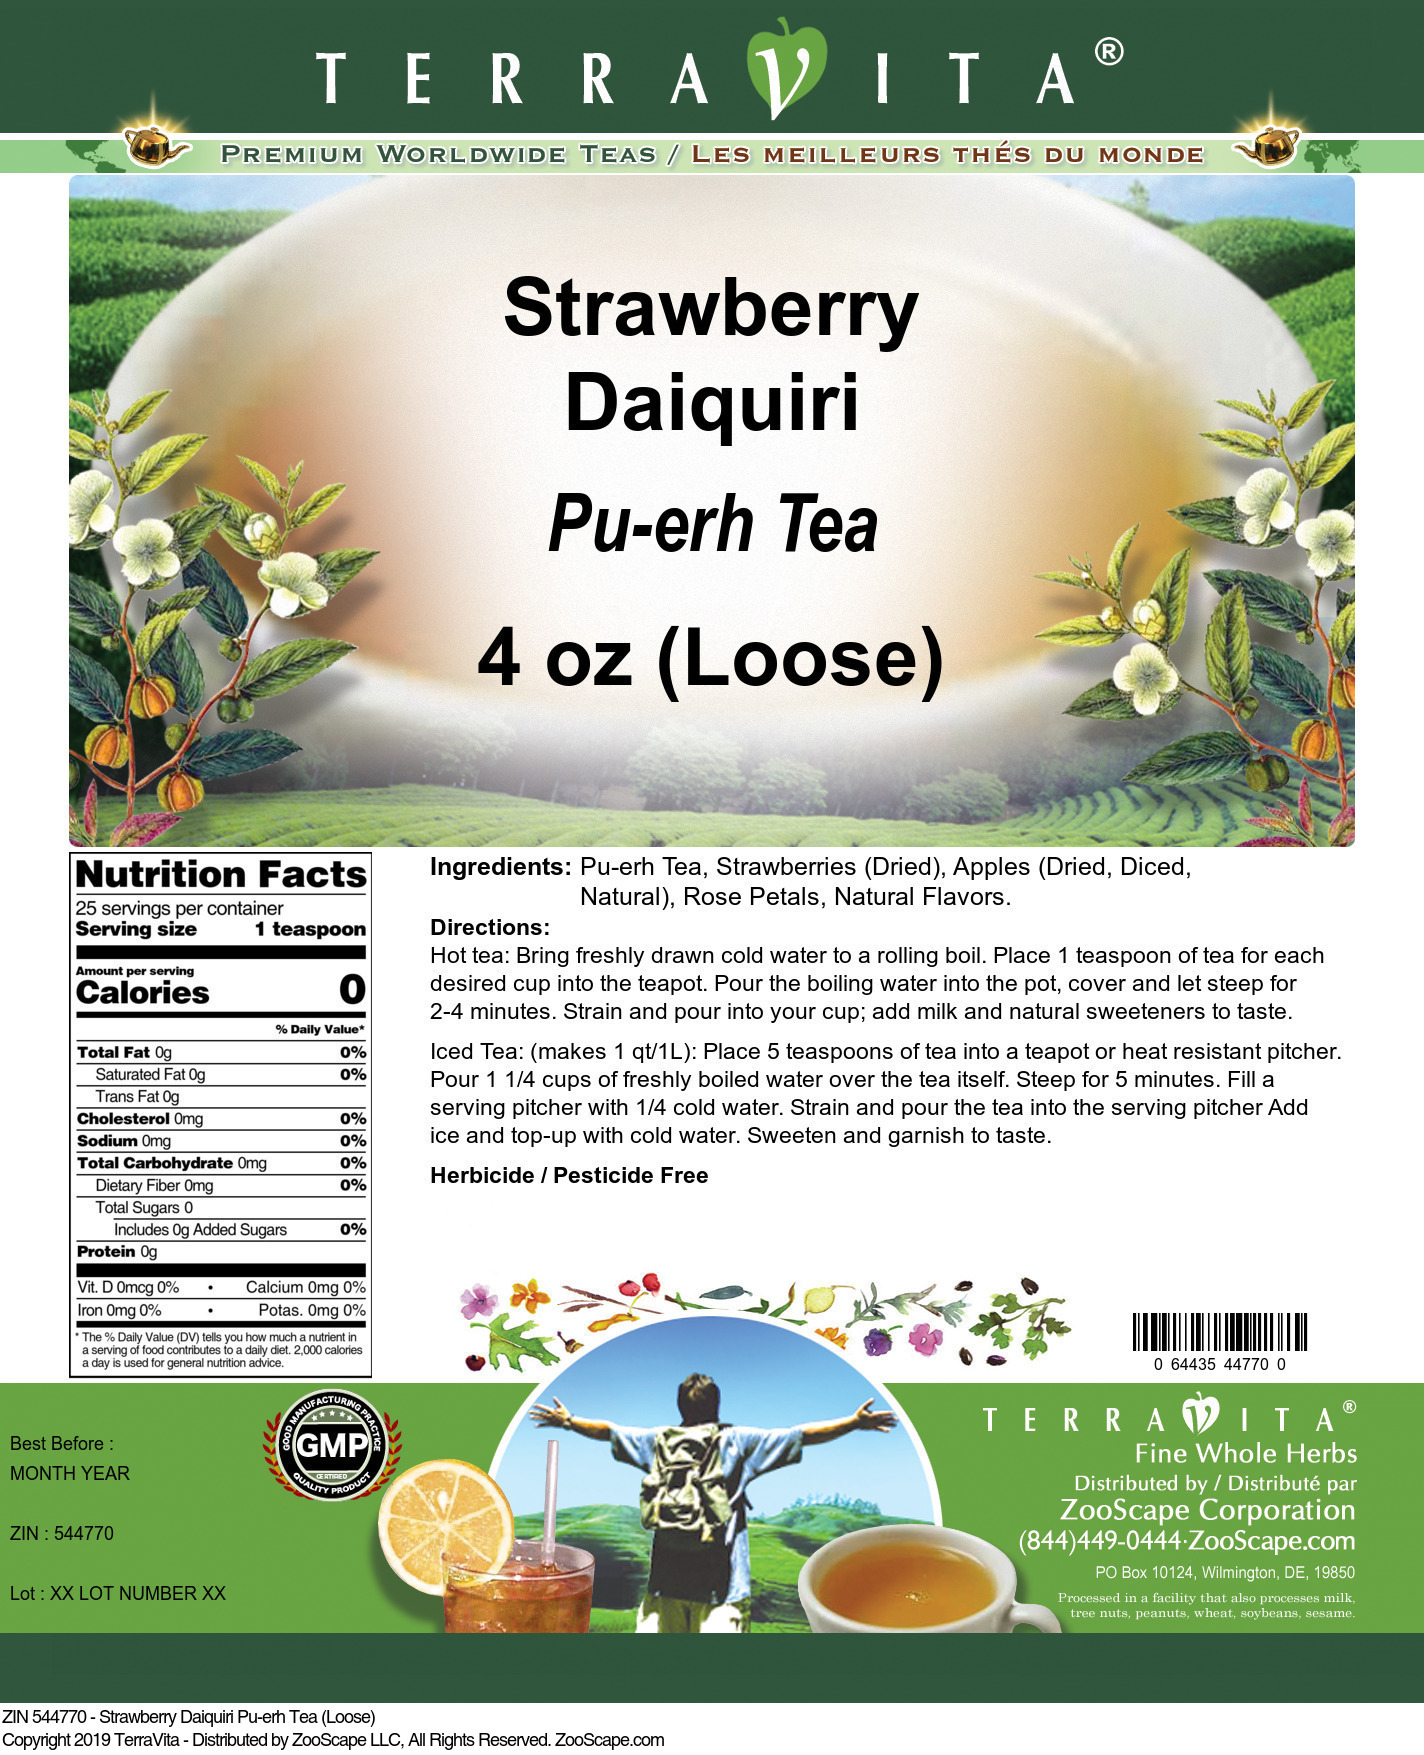 Strawberry Daiquiri Pu-erh Tea